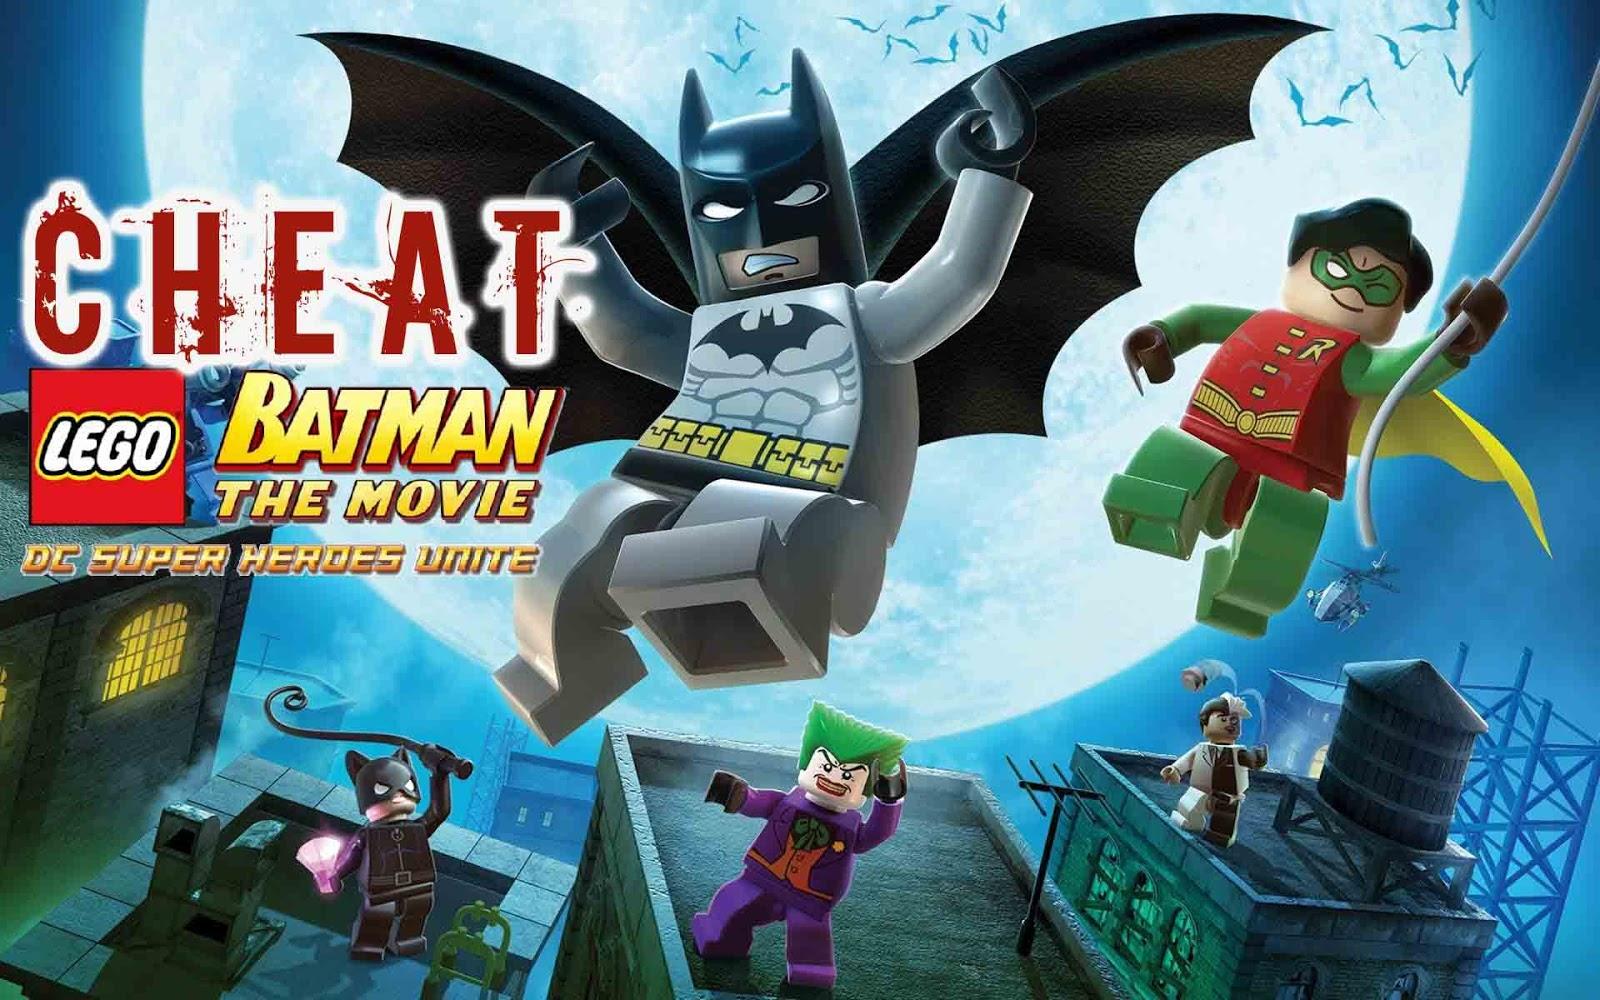 Cheat Lego Batman Ps2 Lengkap Bahasa Indonesia